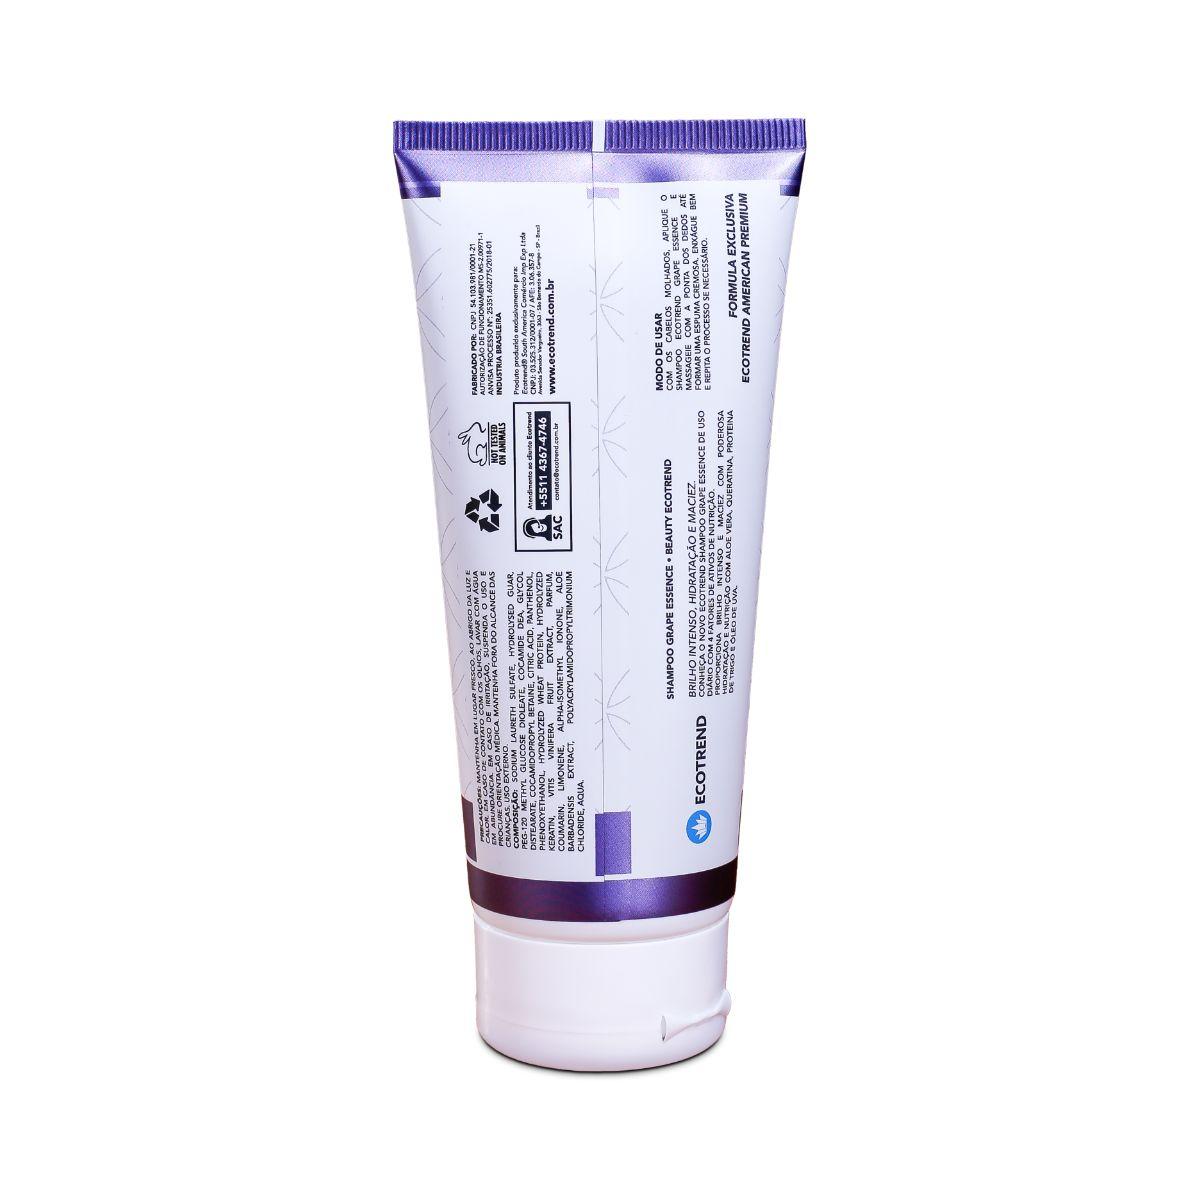 Shampoo Grape Essences